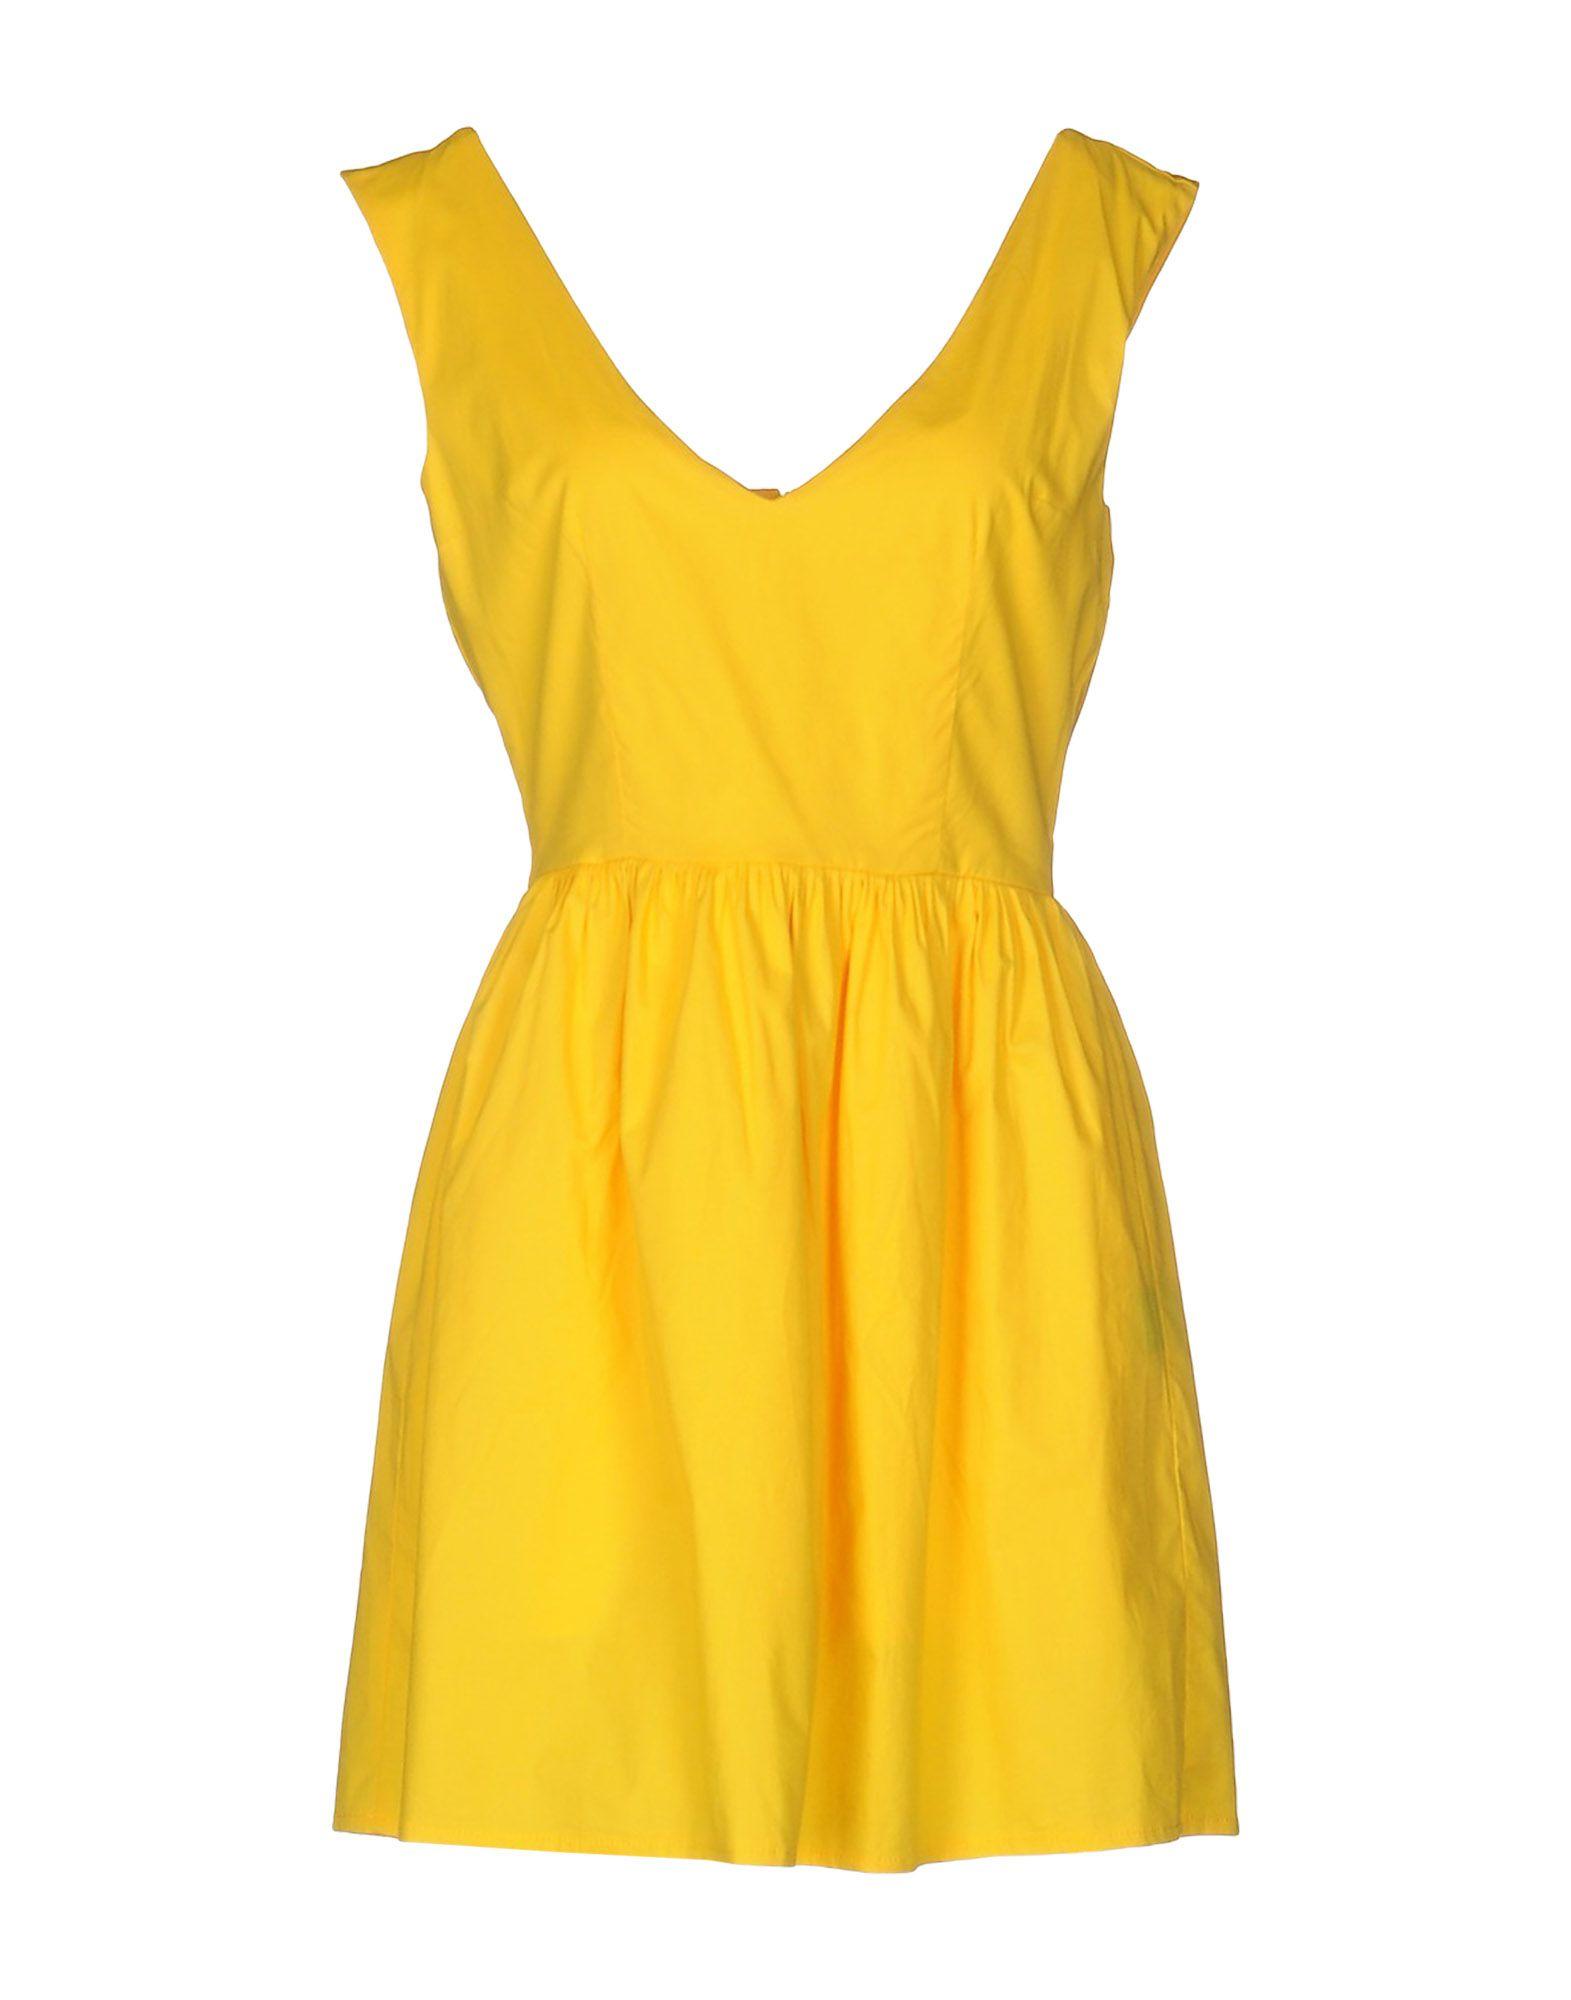 MAIOCCI Короткое платье раздельный купальник lora grig купальник wp011302